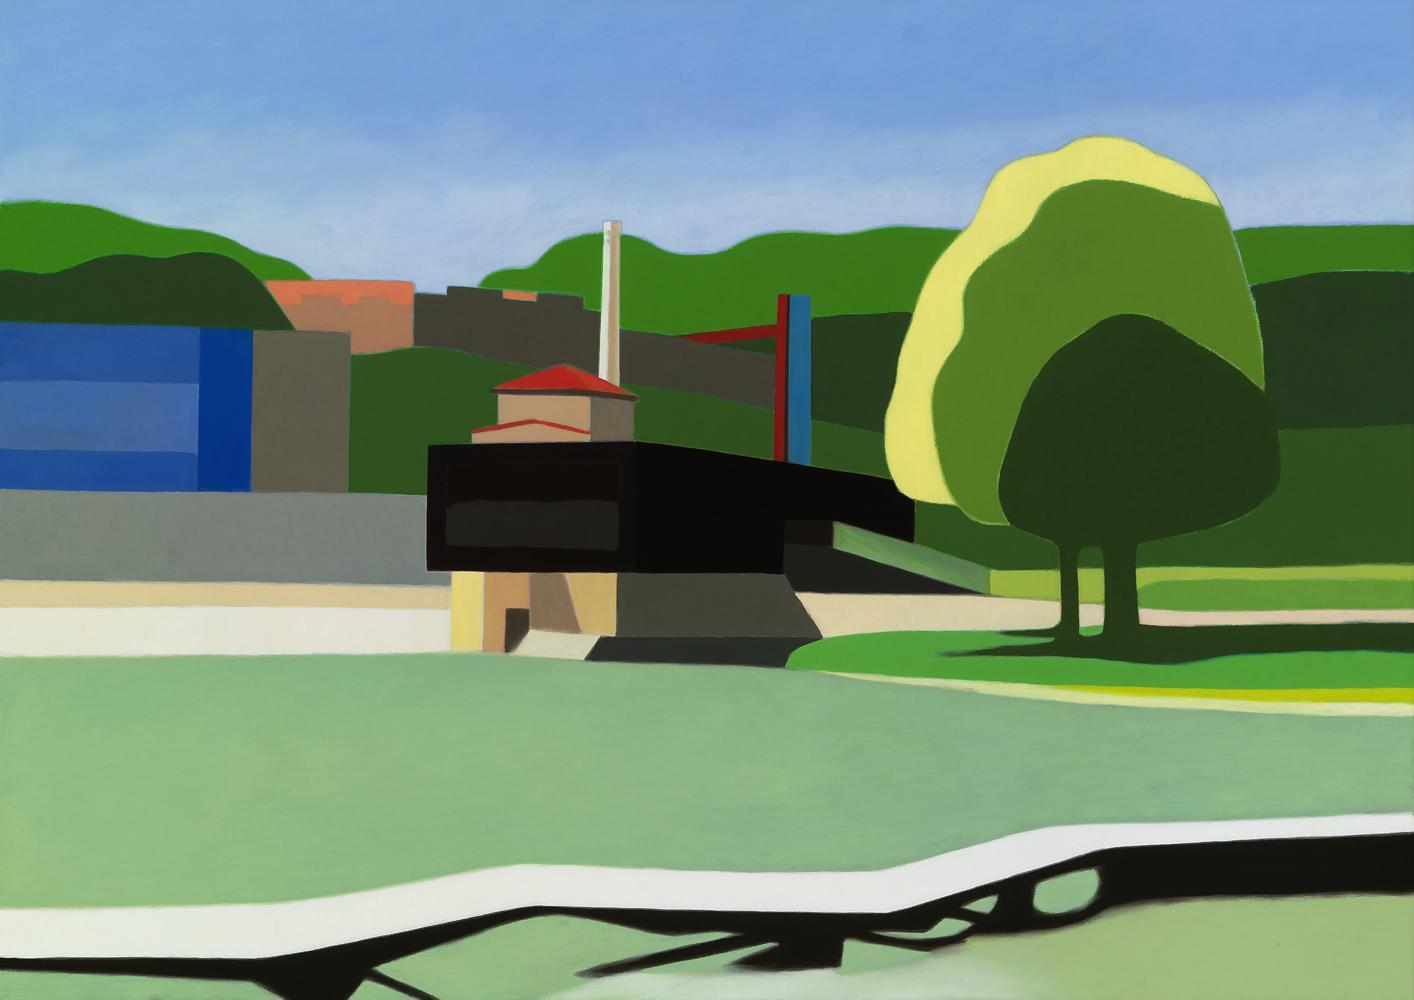 Pasarelas, 65 x 92 cm, óleo lienzo, 2012.